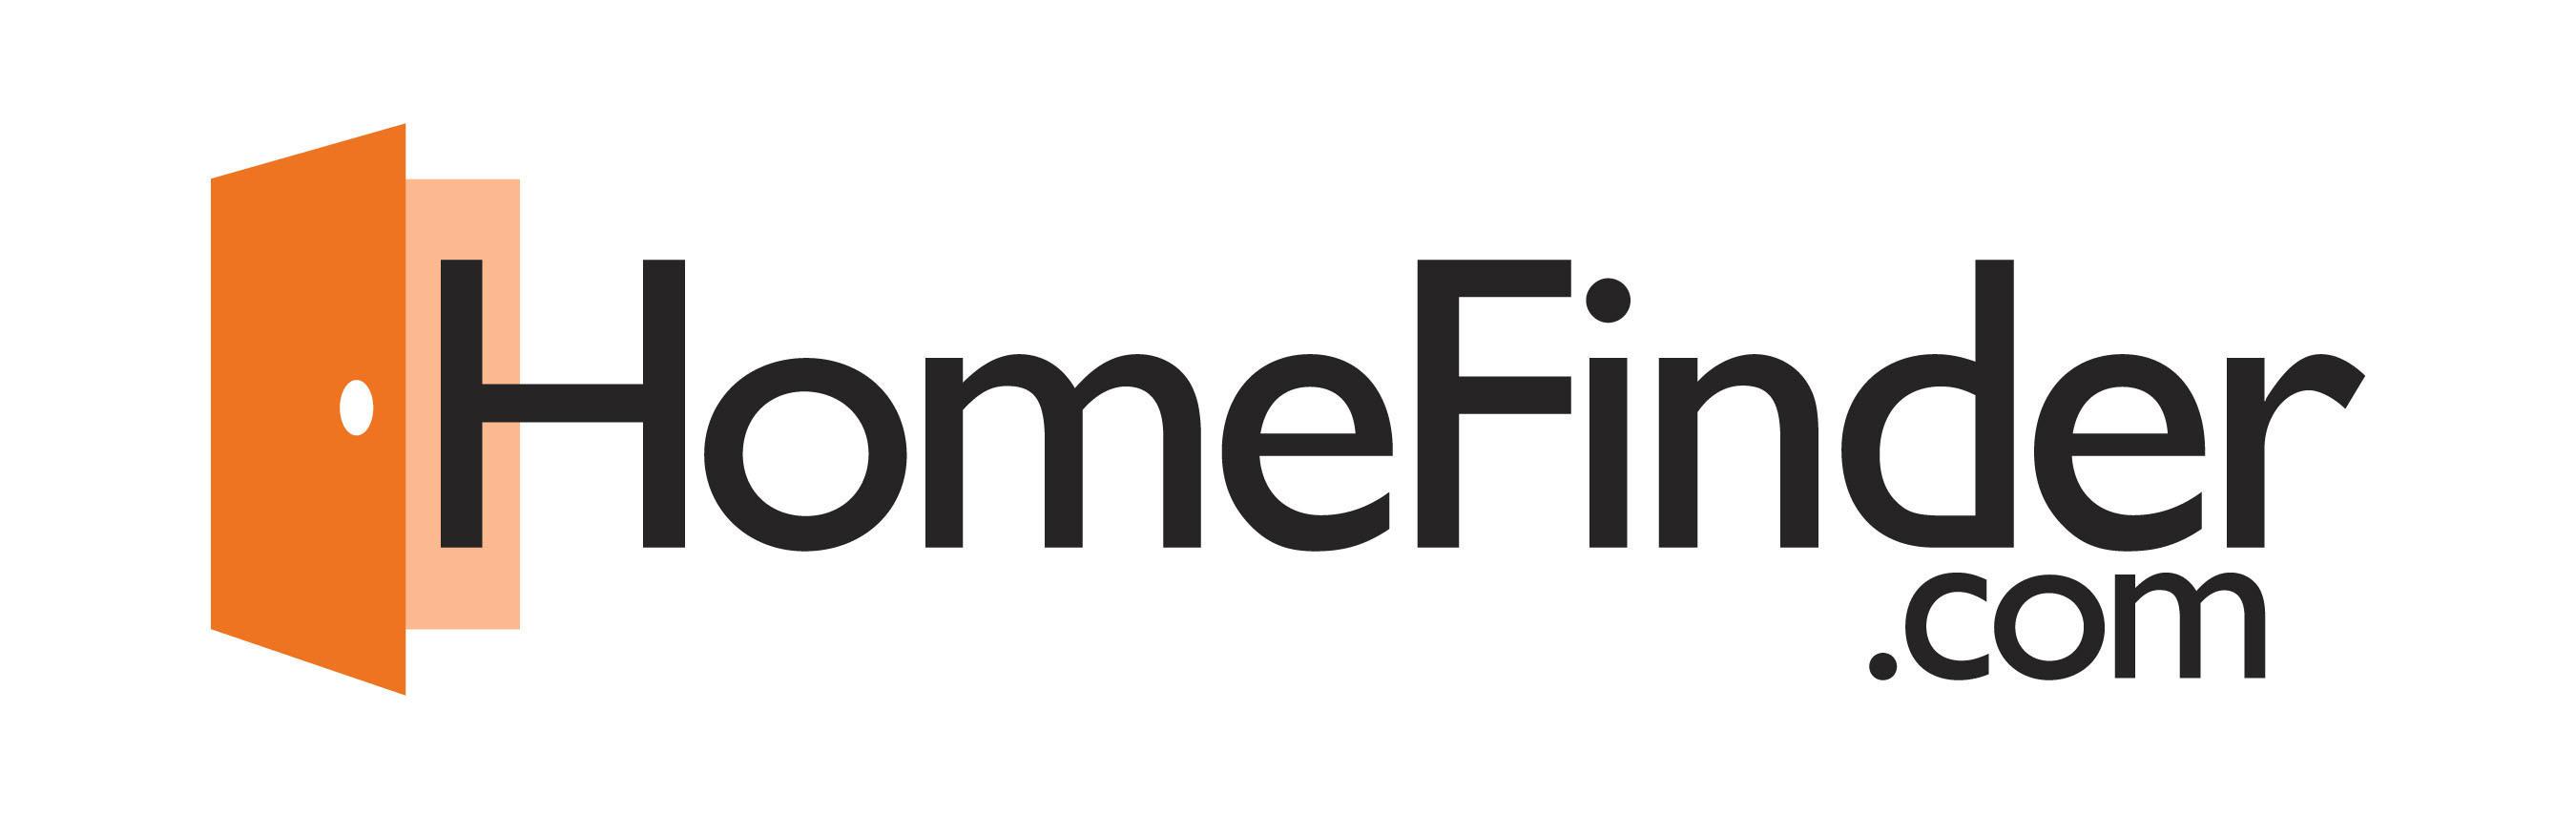 HomeFinder.com Logo.